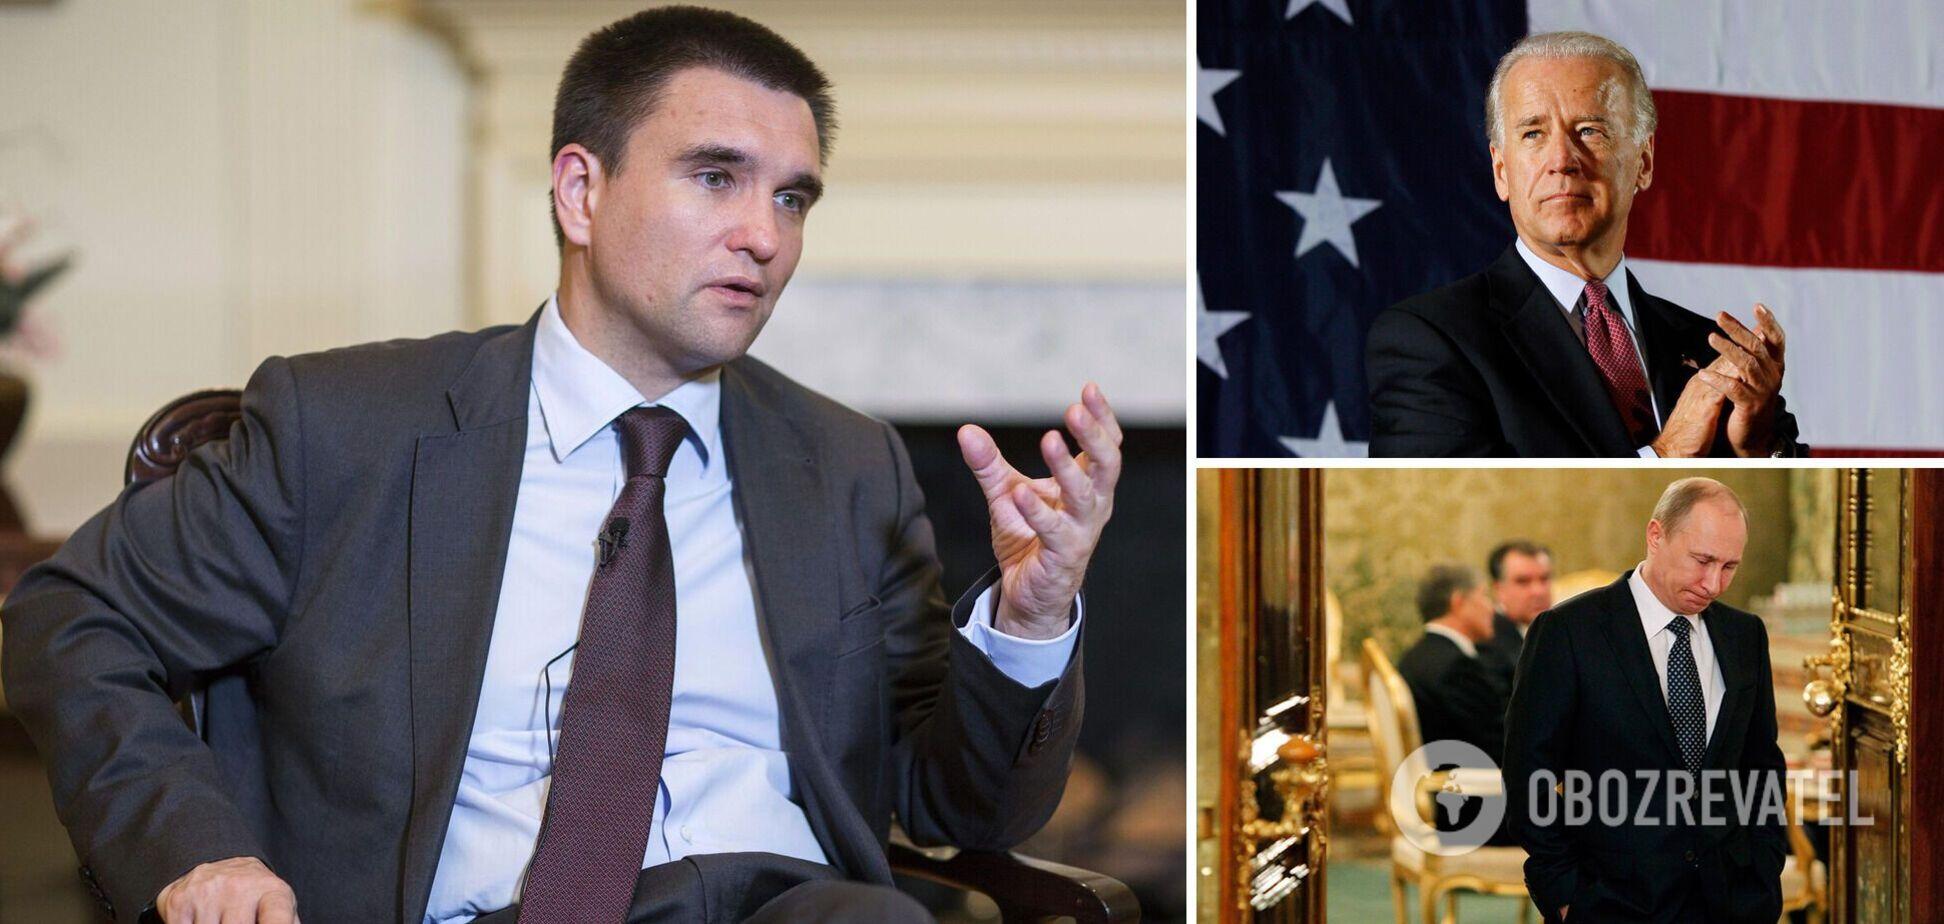 Климкин: Байден будет перезагружать режим Путина, Украине грозит опасность